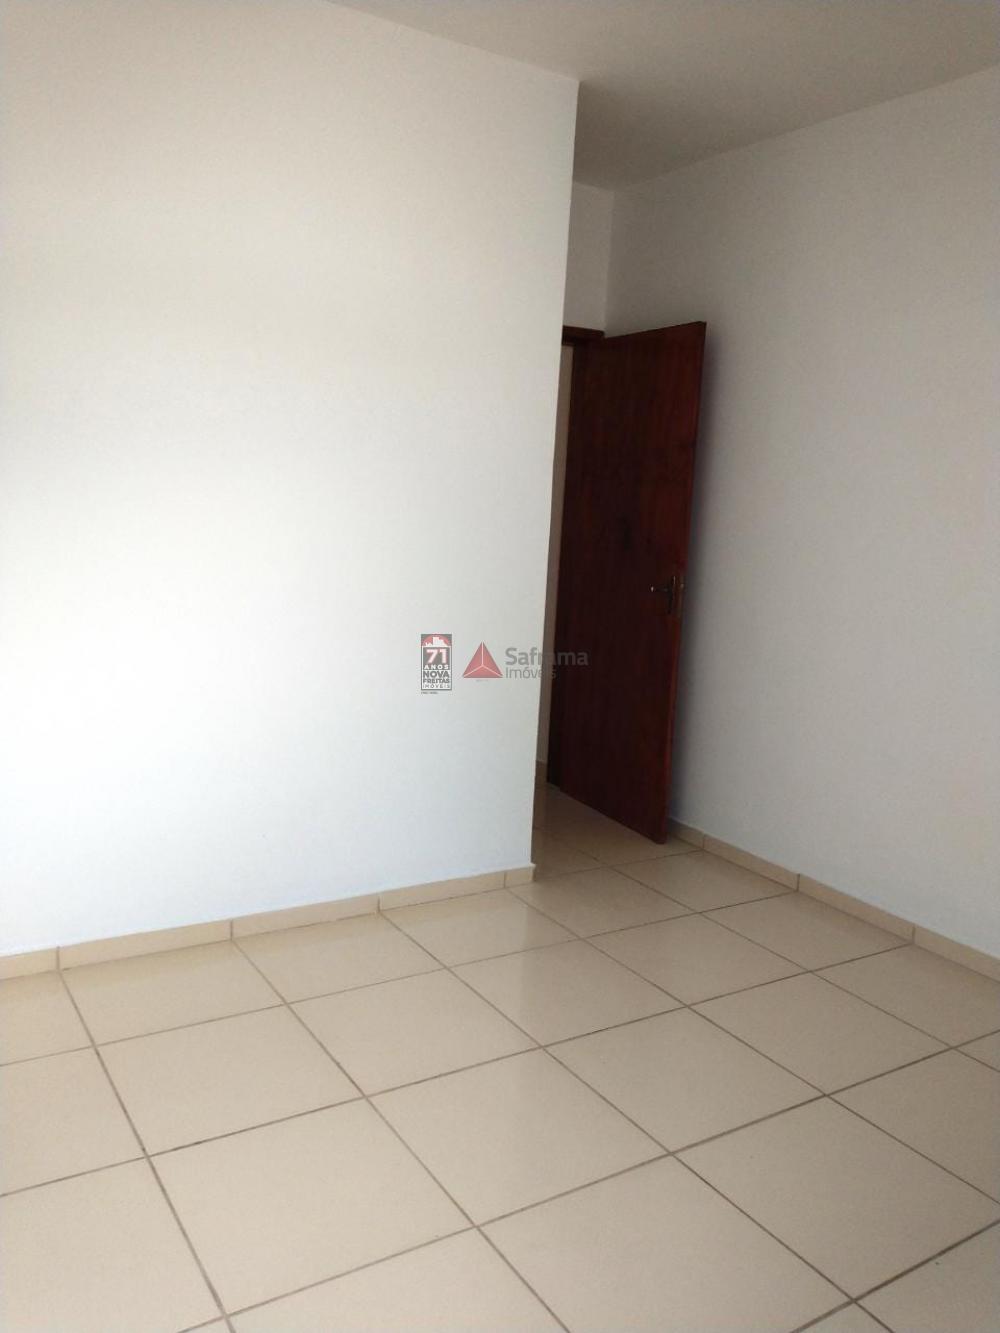 Comprar Casa / Padrão em Pindamonhangaba apenas R$ 159.000,00 - Foto 4